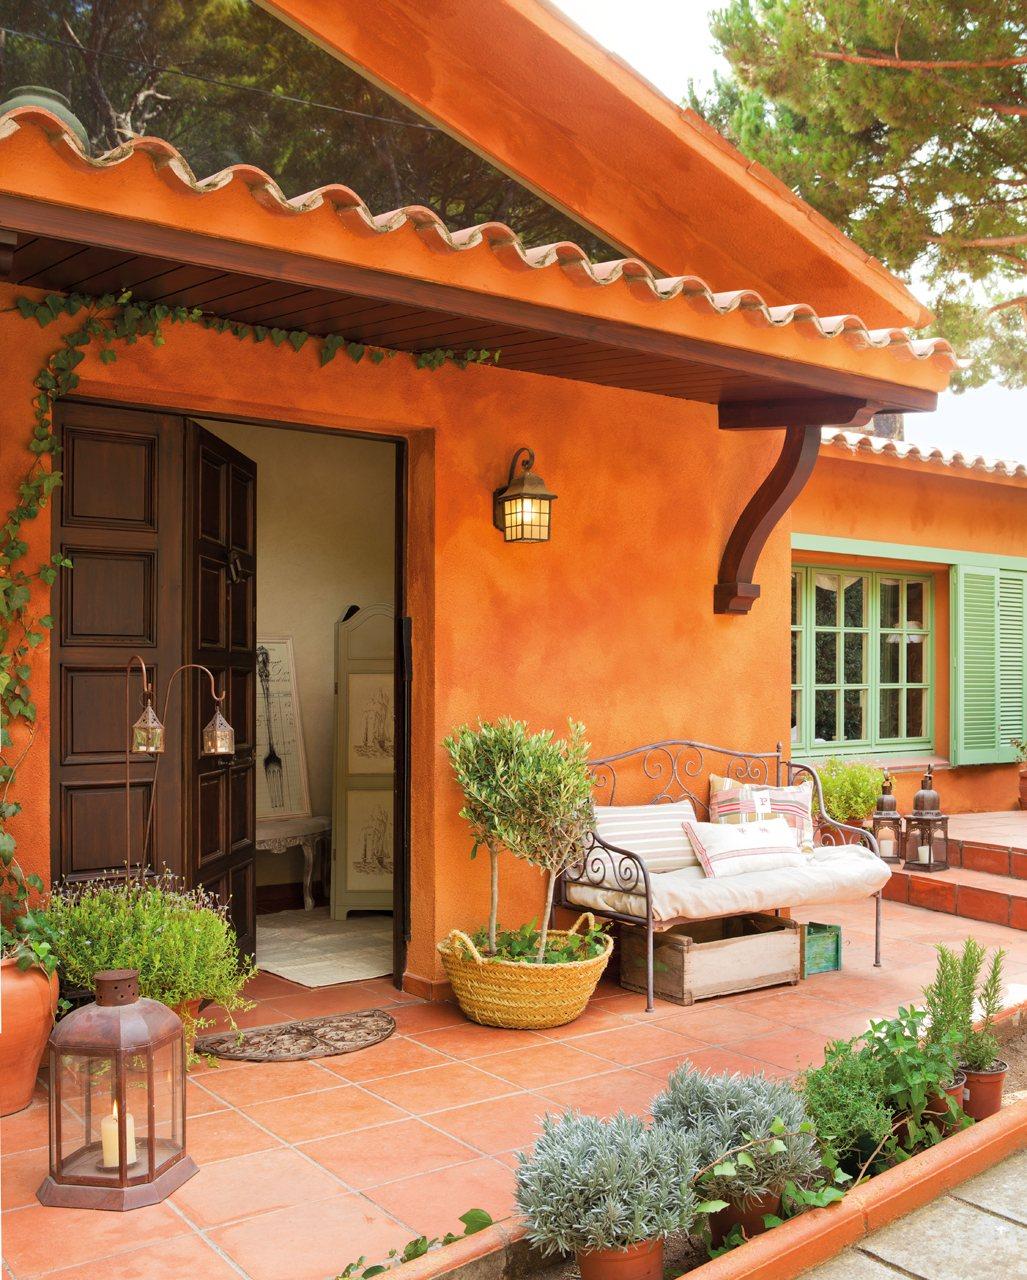 Casa de estilo provenzal for La casa del azulejo san francisco